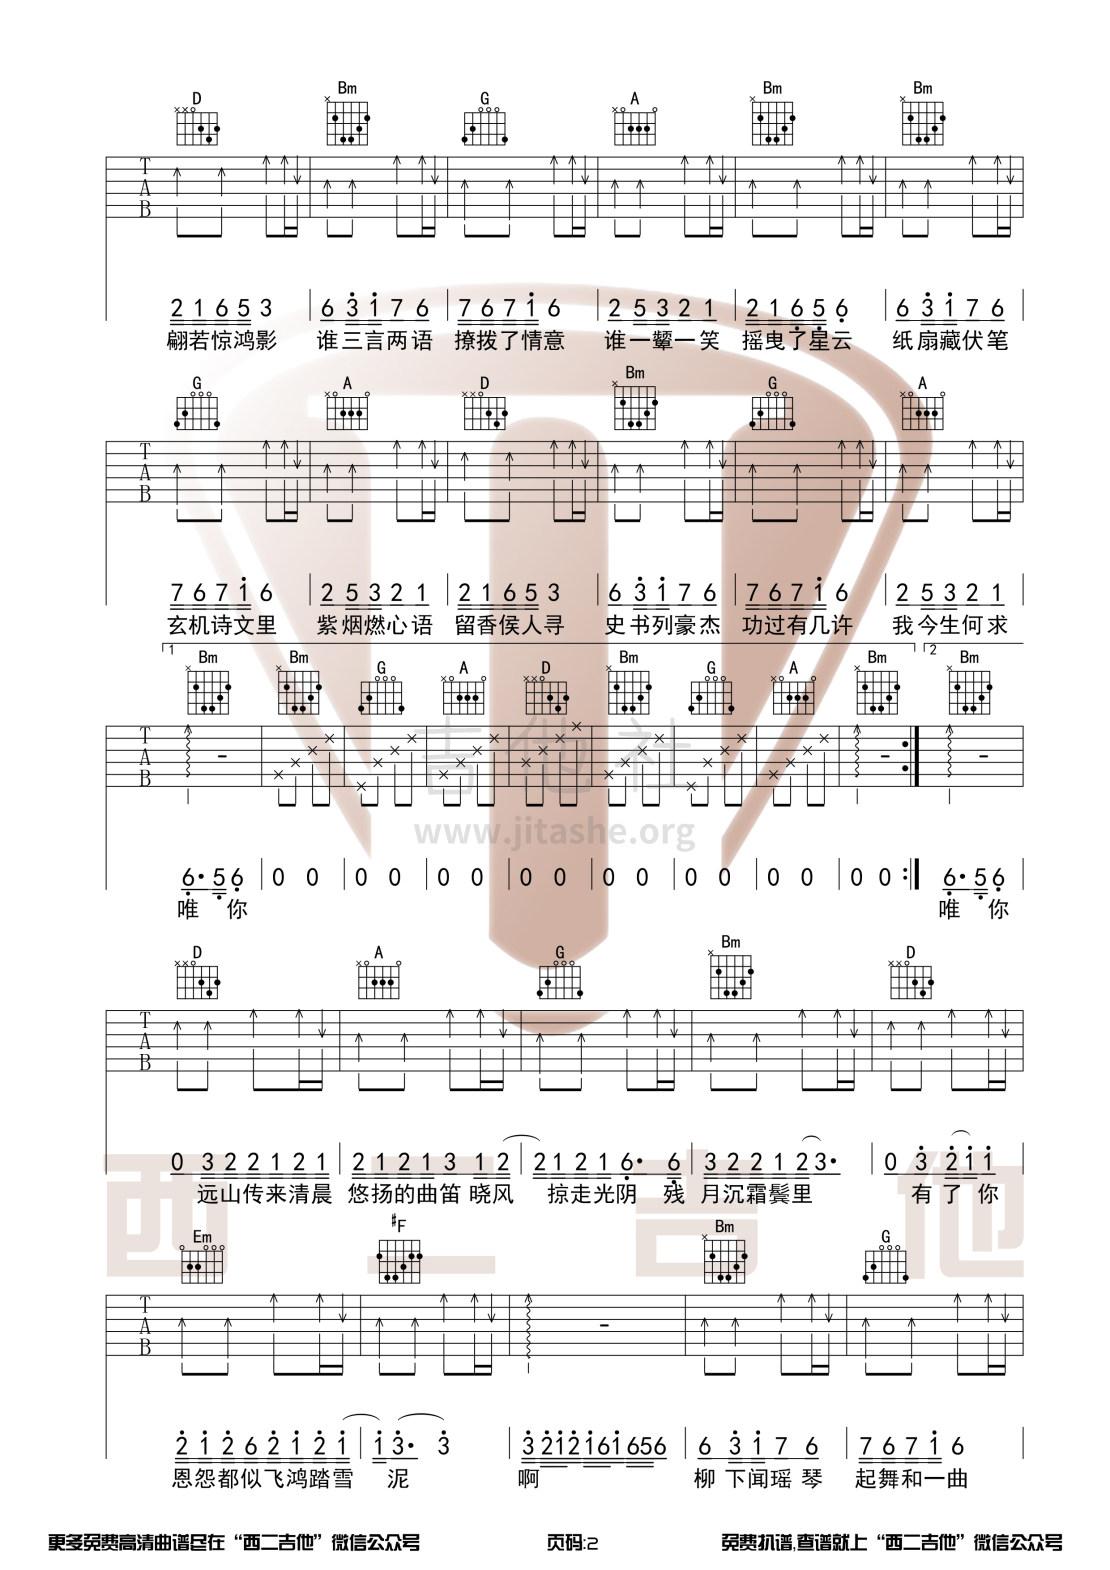 惊鸿一面(原版前奏+吉他谱演奏 西二吉他)吉他谱(图片谱,弹唱)_许嵩(Vae)_惊鸿一面2.jpg